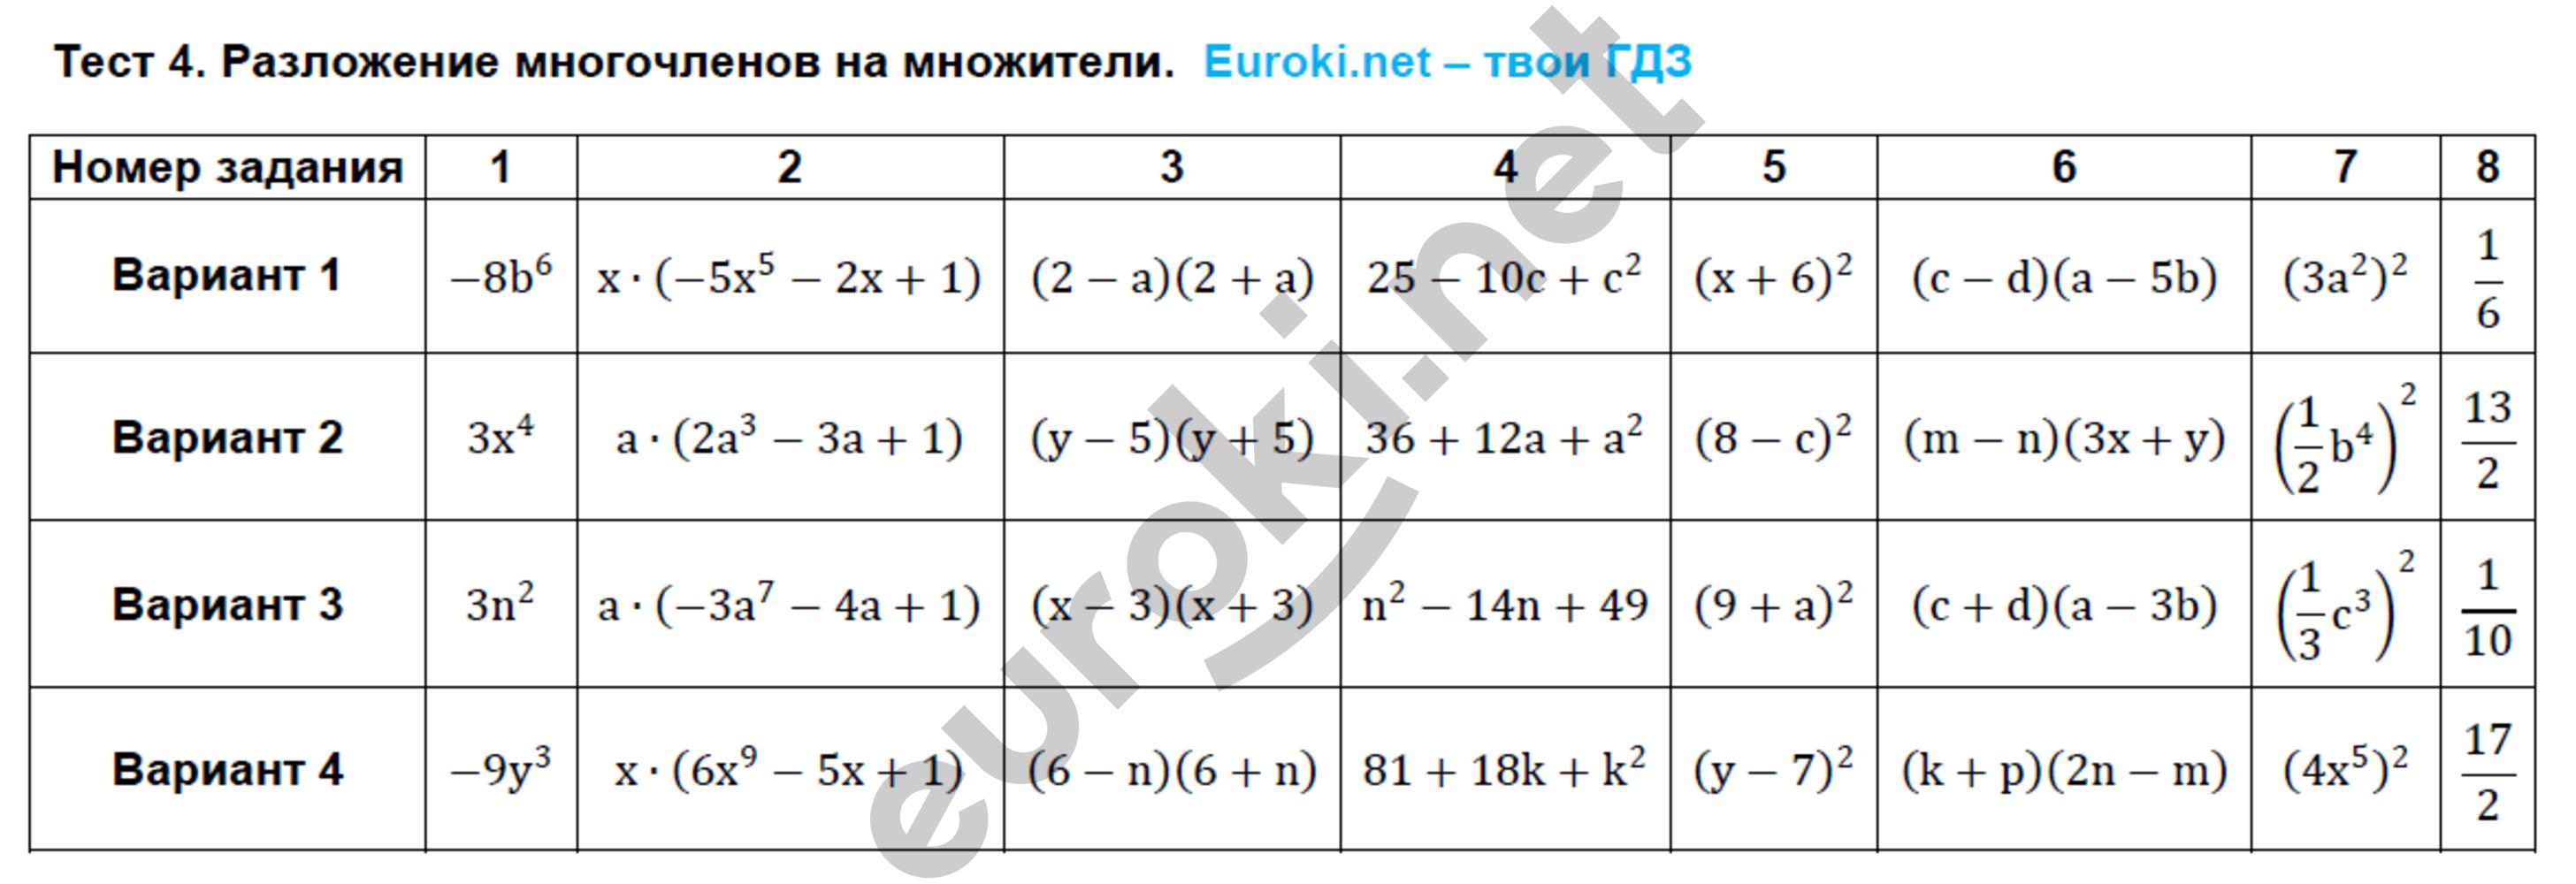 ГДЗ по алгебре 7 класс тематические тесты Ткачева Основные тесты. Задание: Тест 4. Разложение многочленов на множители